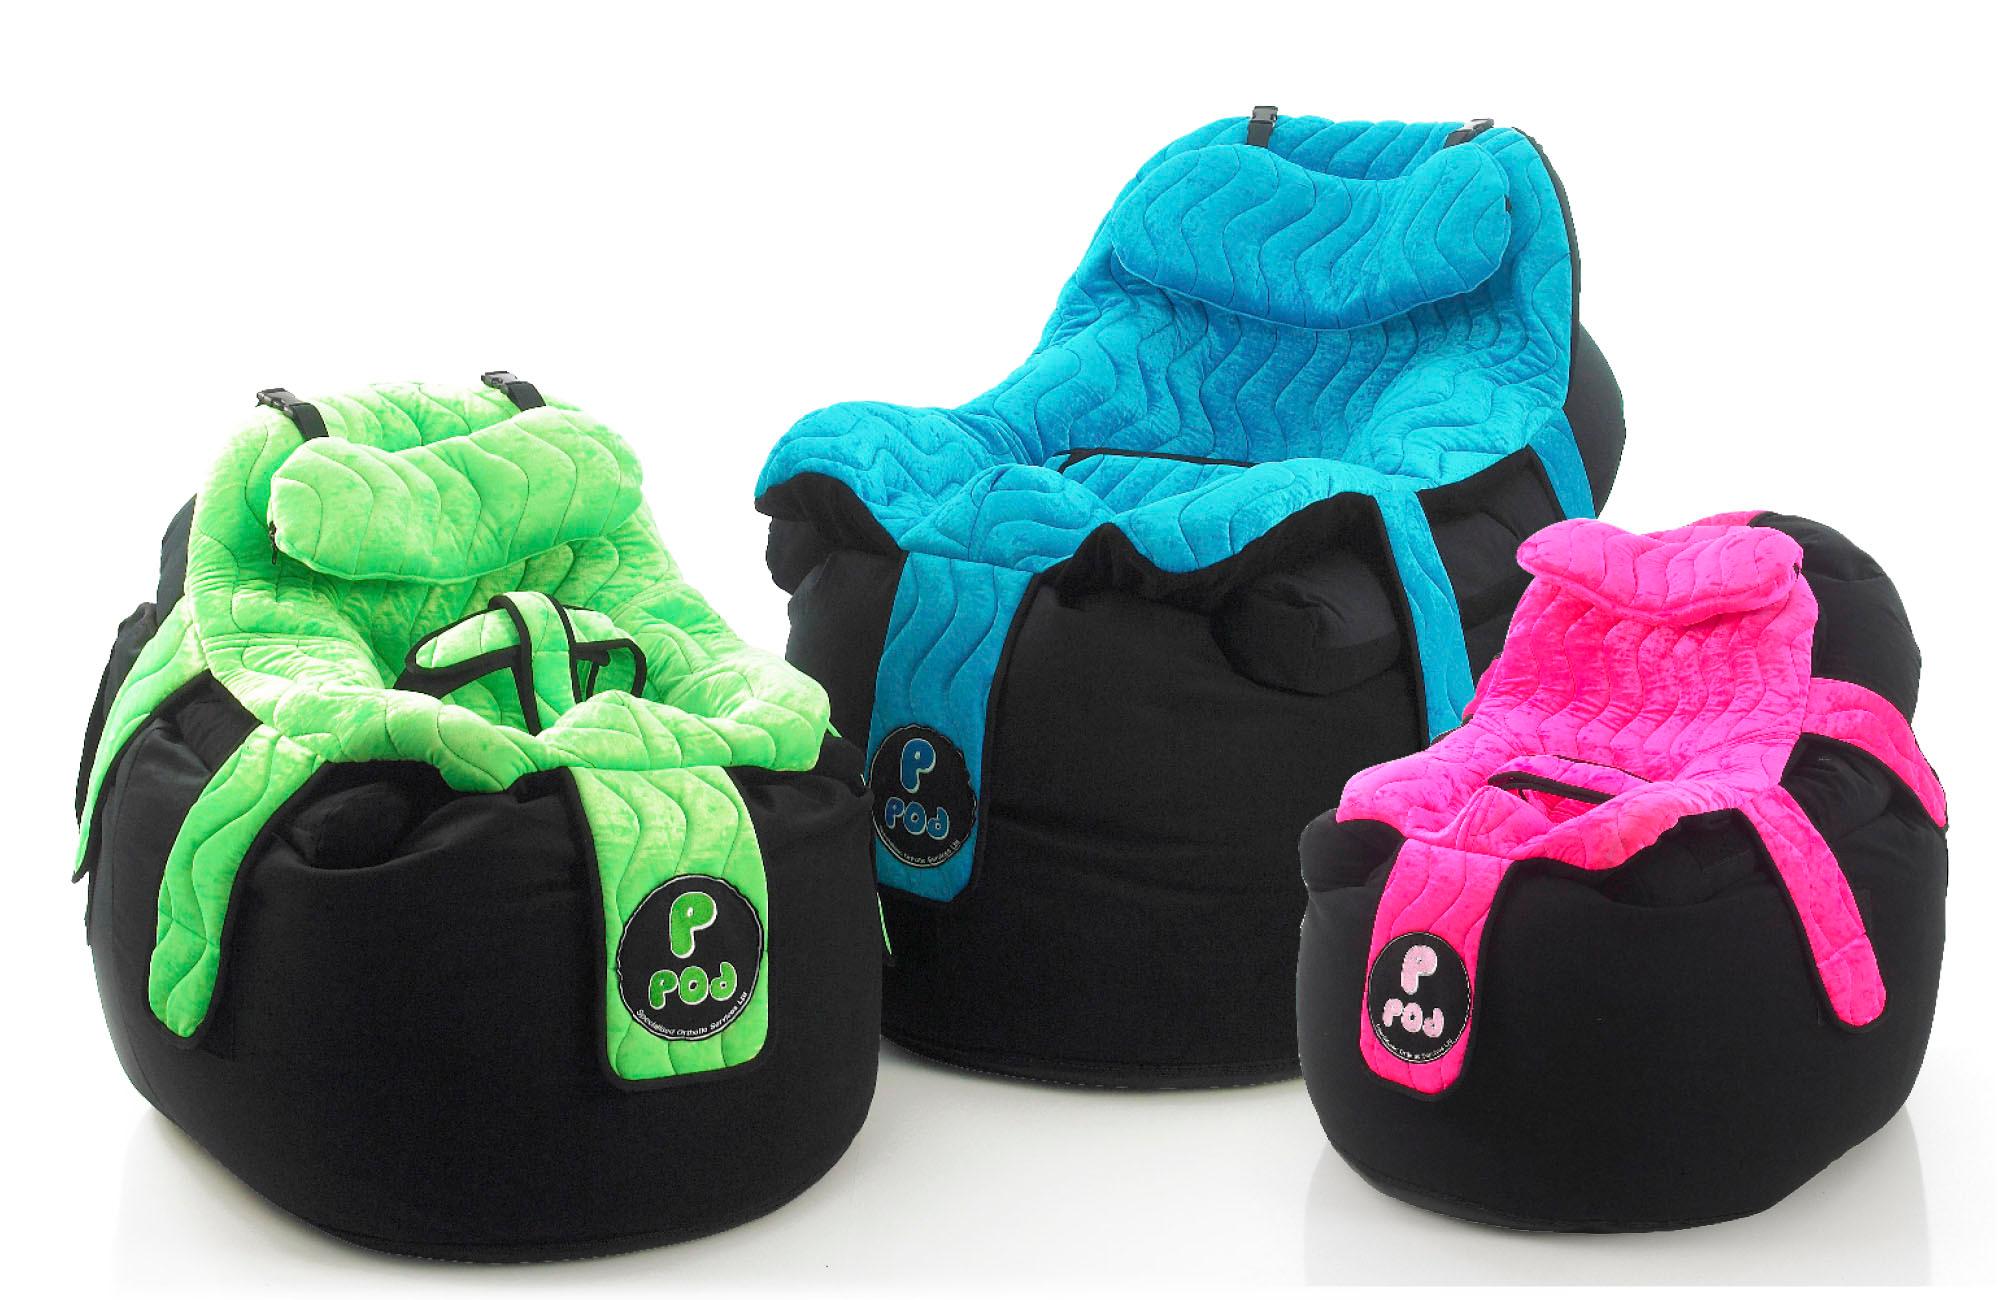 Tre P Pod-varianter i ulike størrelser, grønn, blå og rosa, gir tilpasset holdningstøtte til alle slags kropper.